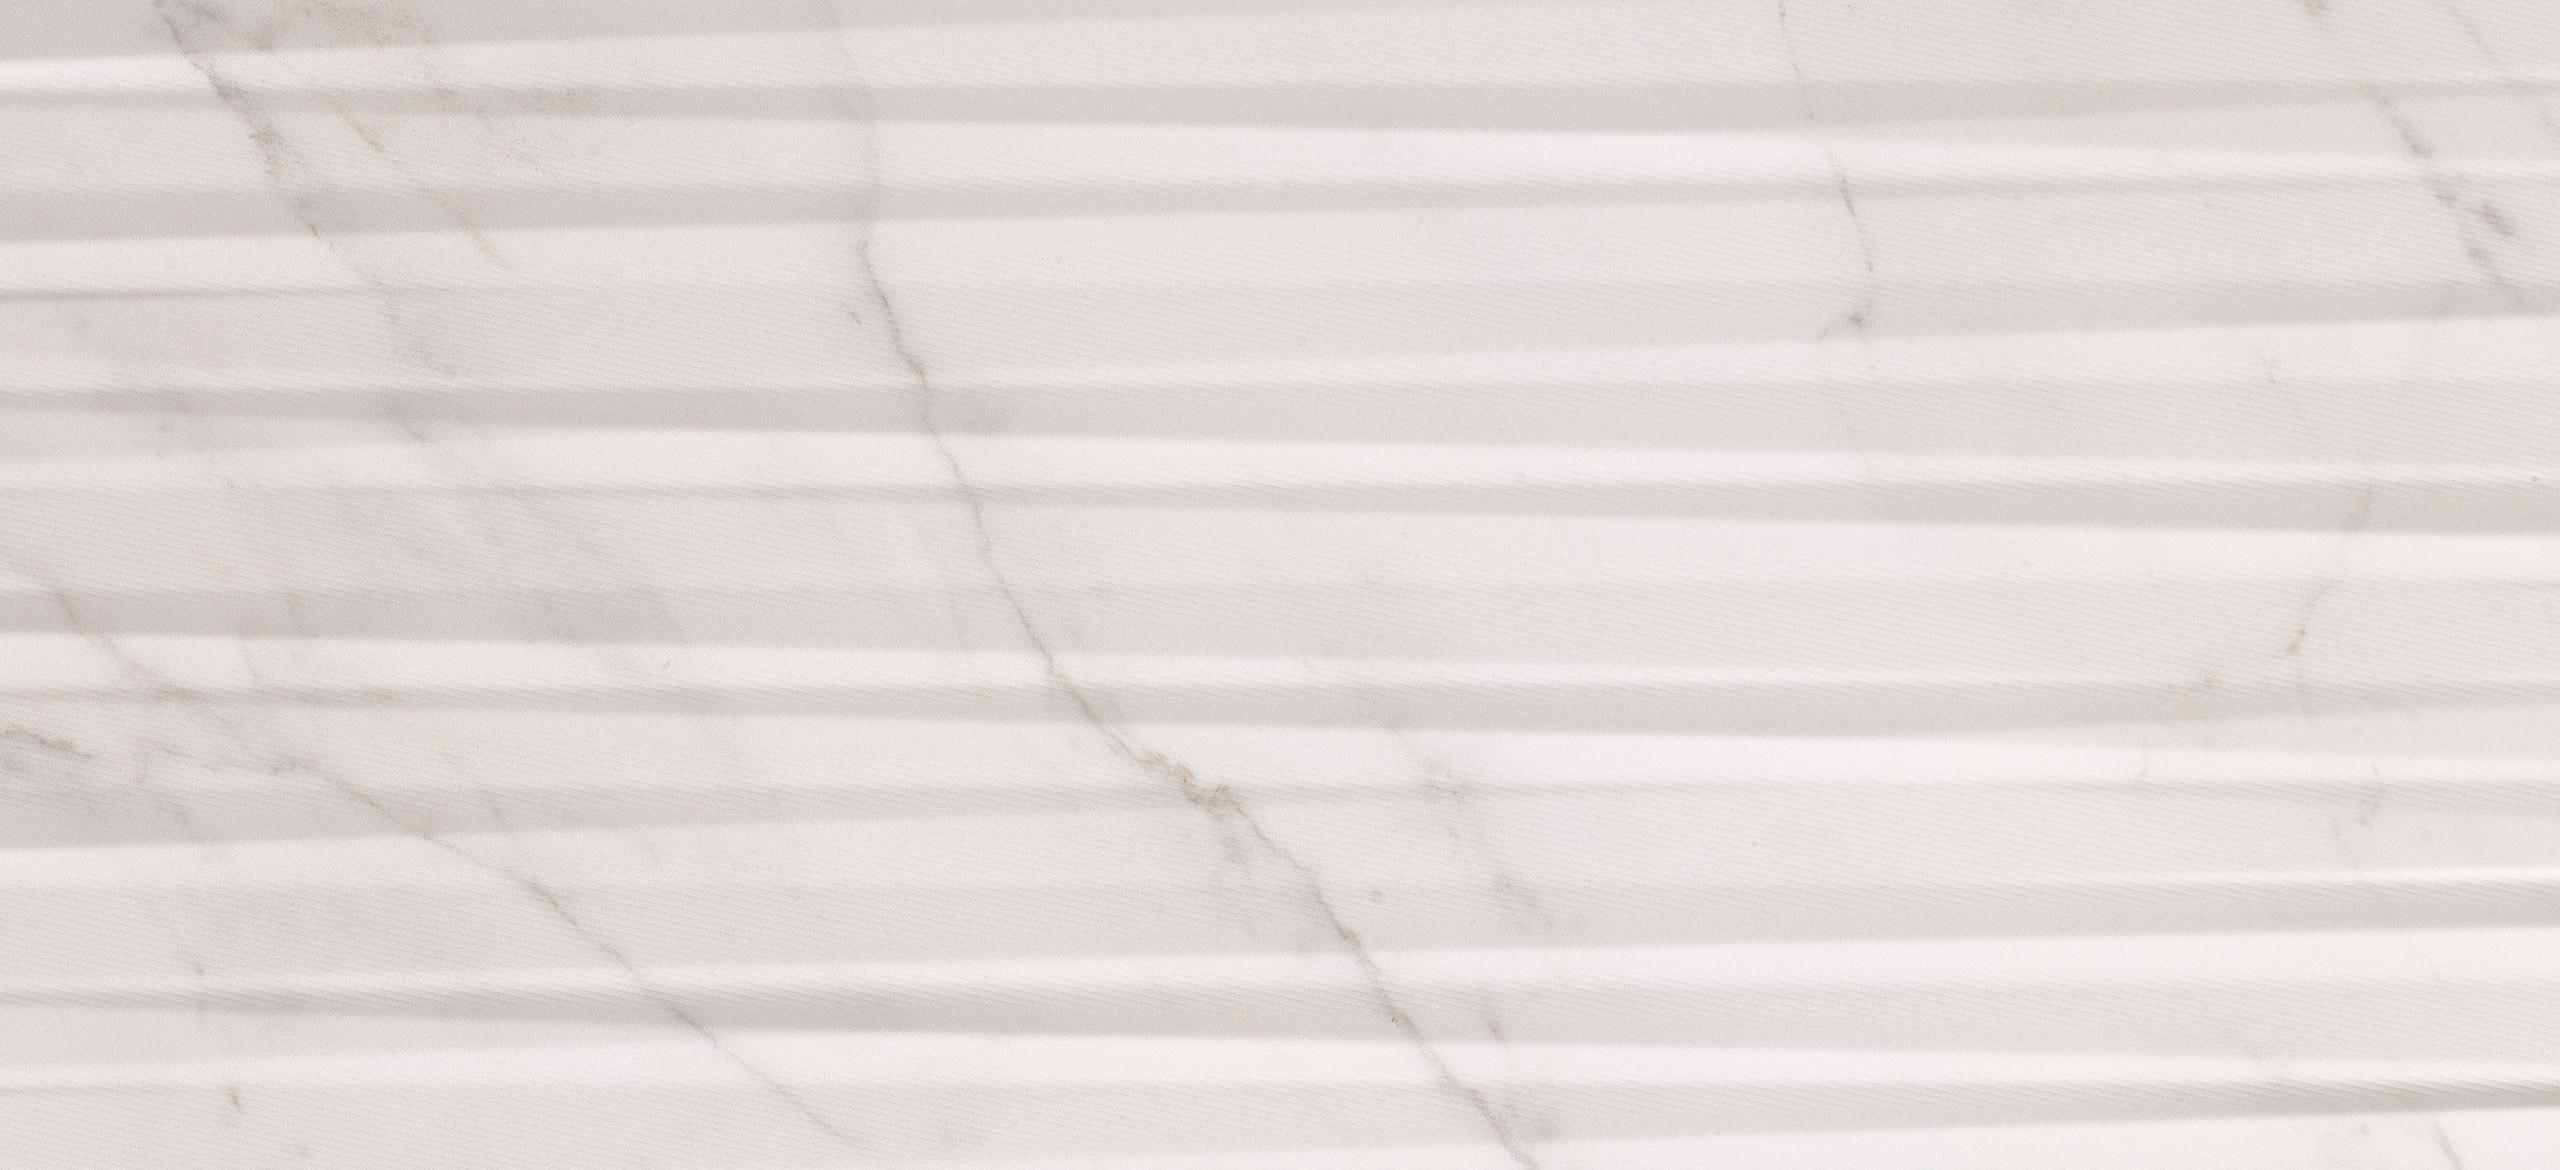 Cerámica Evoque Concept Blanco Mate